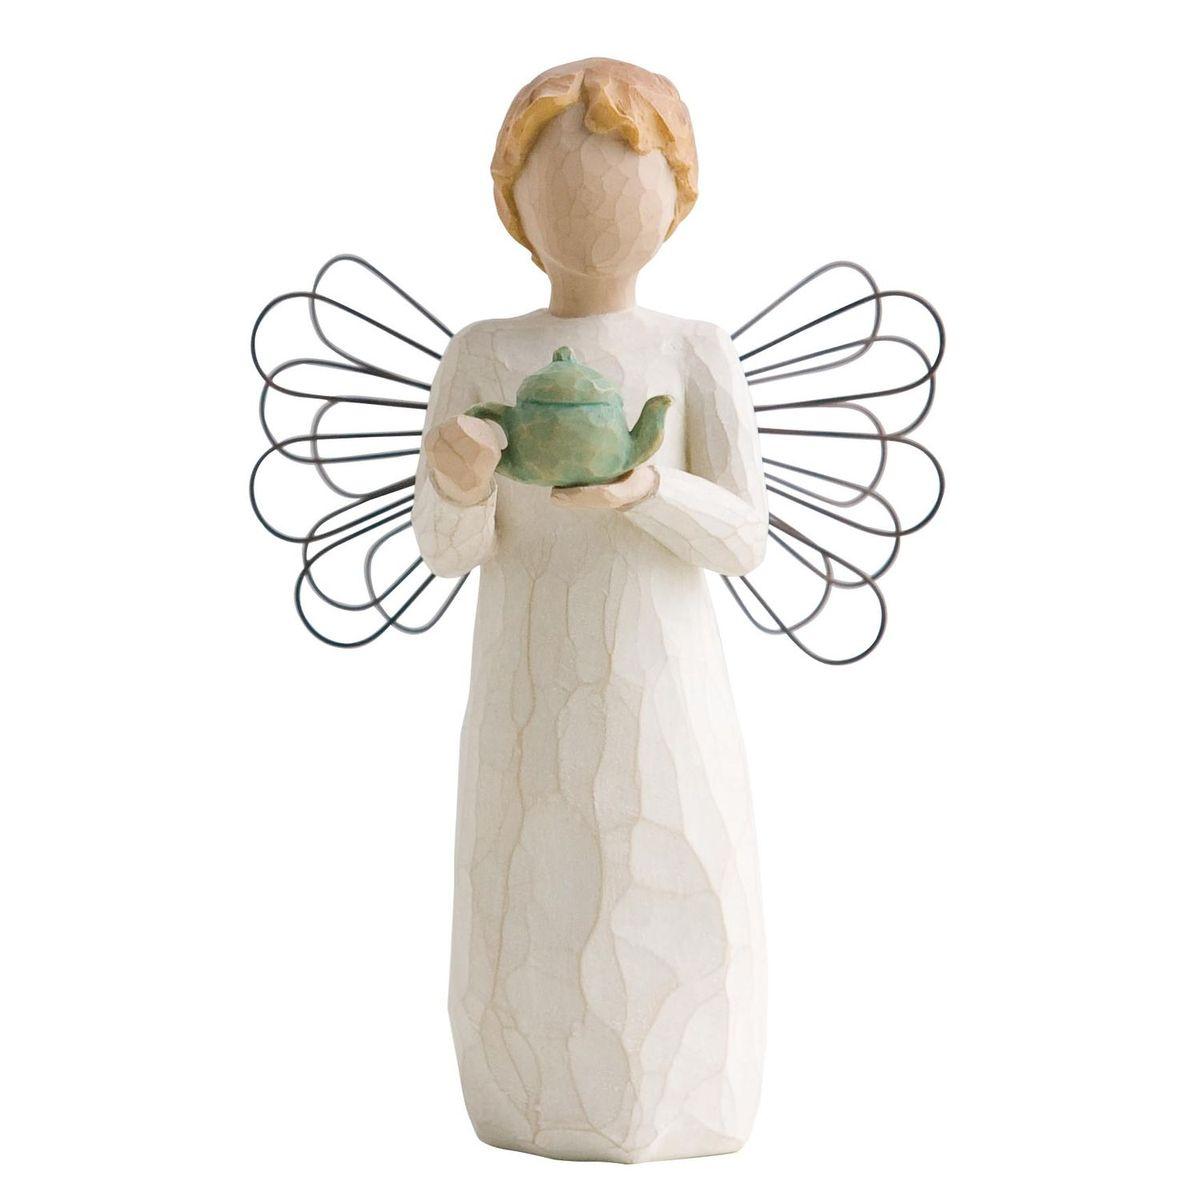 Фигурка Willow Tree Ангел кухни, 9,5 см26144Эти прекрасные статуэтки созданы канадским скульптором Сьюзан Лорди. Каждая фигурка – это настоящее произведение искусства, образная скульптура в миниатюре, изображающая эмоции и чувства, которые помогают нам чувствовать себя ближе к другим, верить в мечту, выражать любовь. Каждая фигурка помещена в красивую упаковку. Купить такой оригинальный подарок, значит не только украсить интерьер помещения или жилой комнаты, но выразить свое глубокое отношение к любимому человеку. Этот прекрасный сувенир будет лучшим подарком на день ангела, именины, день рождения, юбилей. Материал: Искусственный камень (49% карбонат кальция мелкозернистой разновидности, 51% искусственный камень)